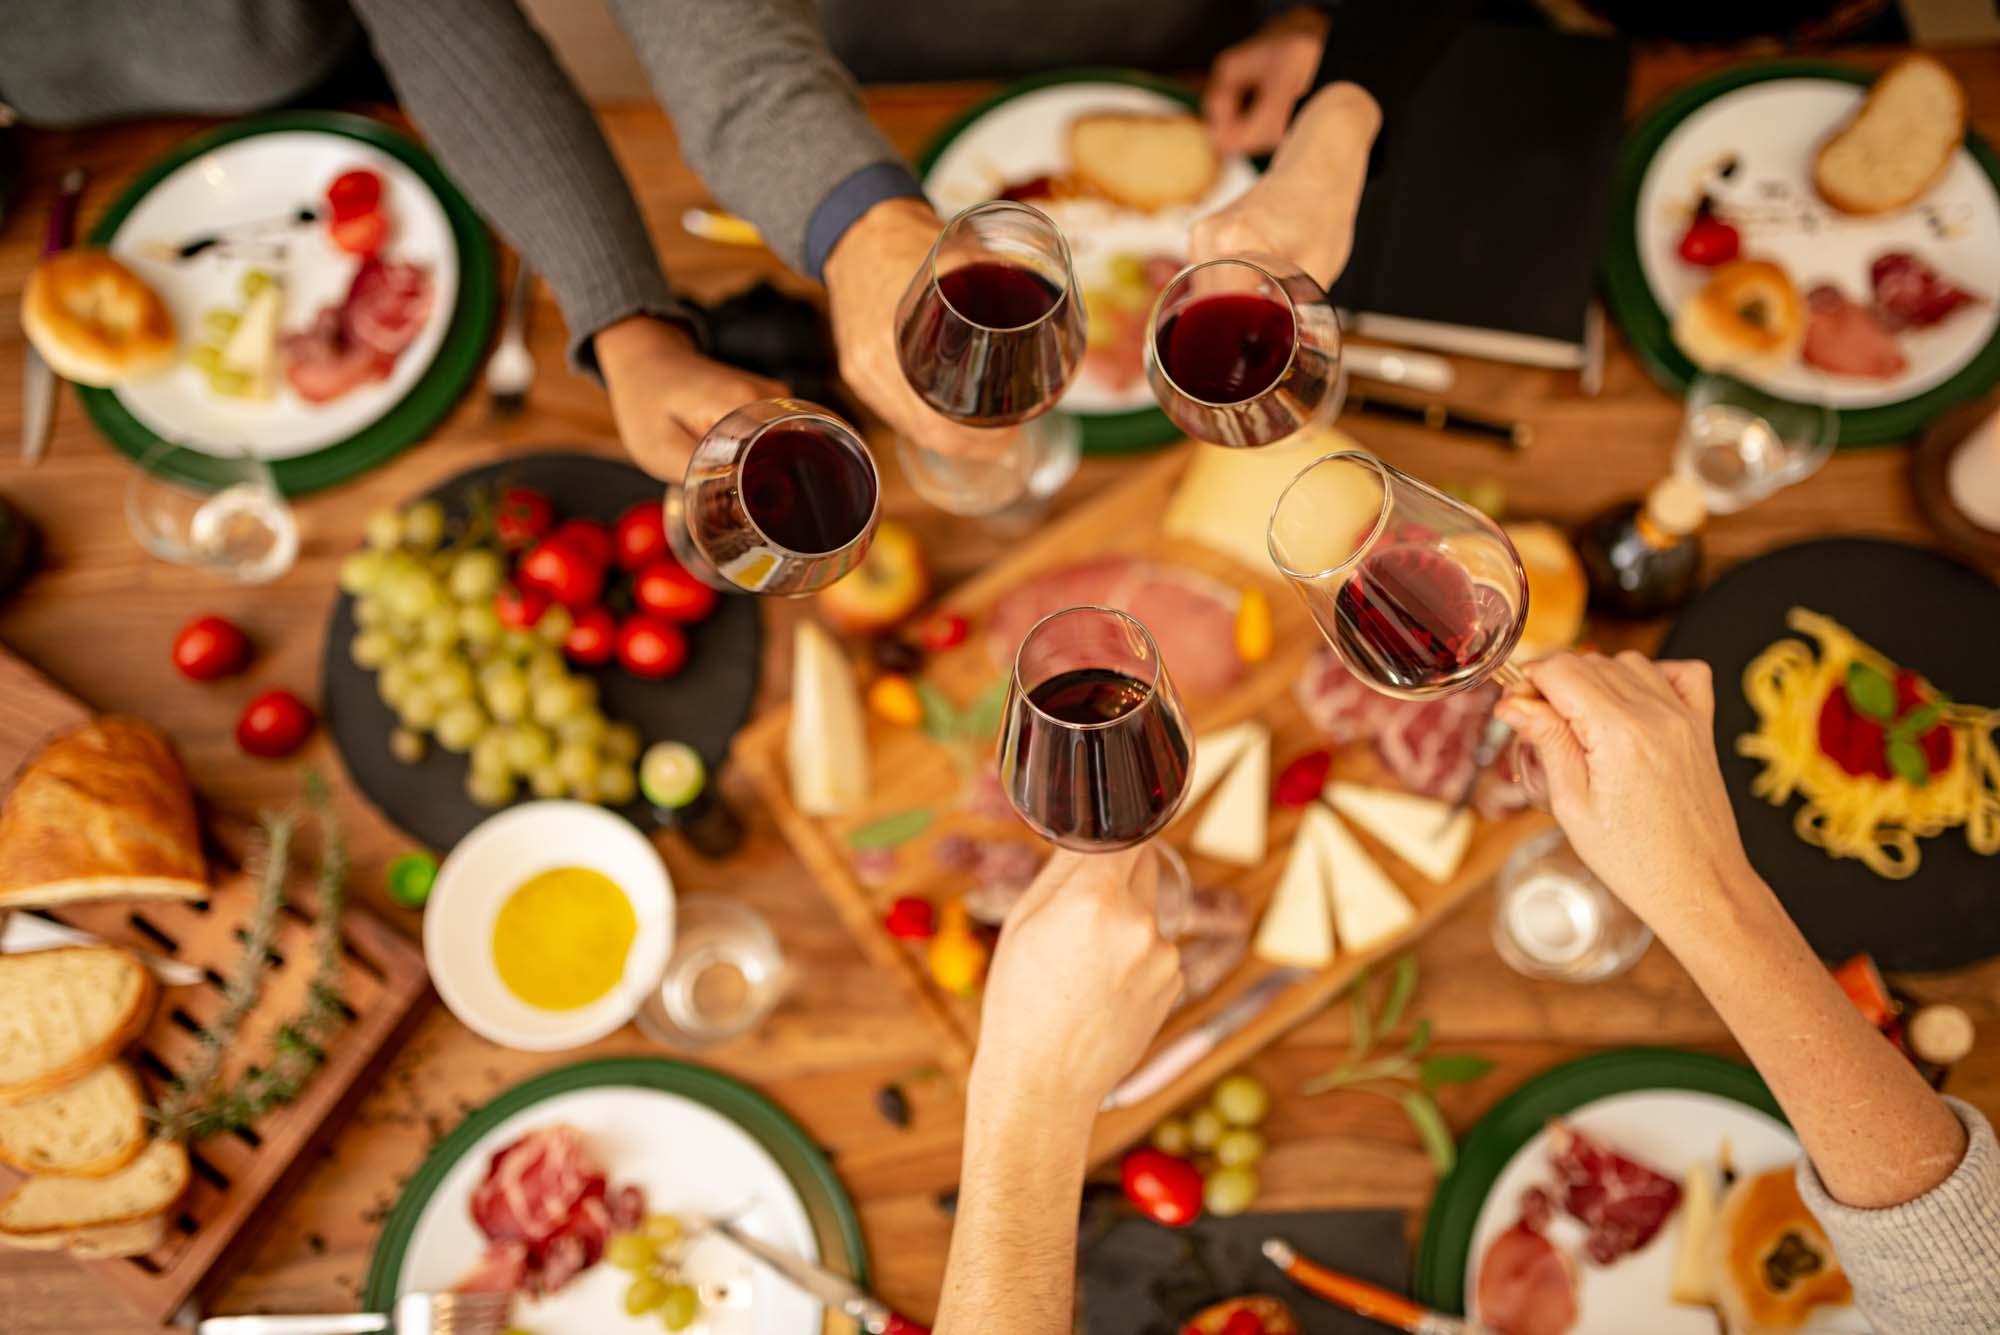 Corsi Di Cucina Formazione Manageriale a Perugia